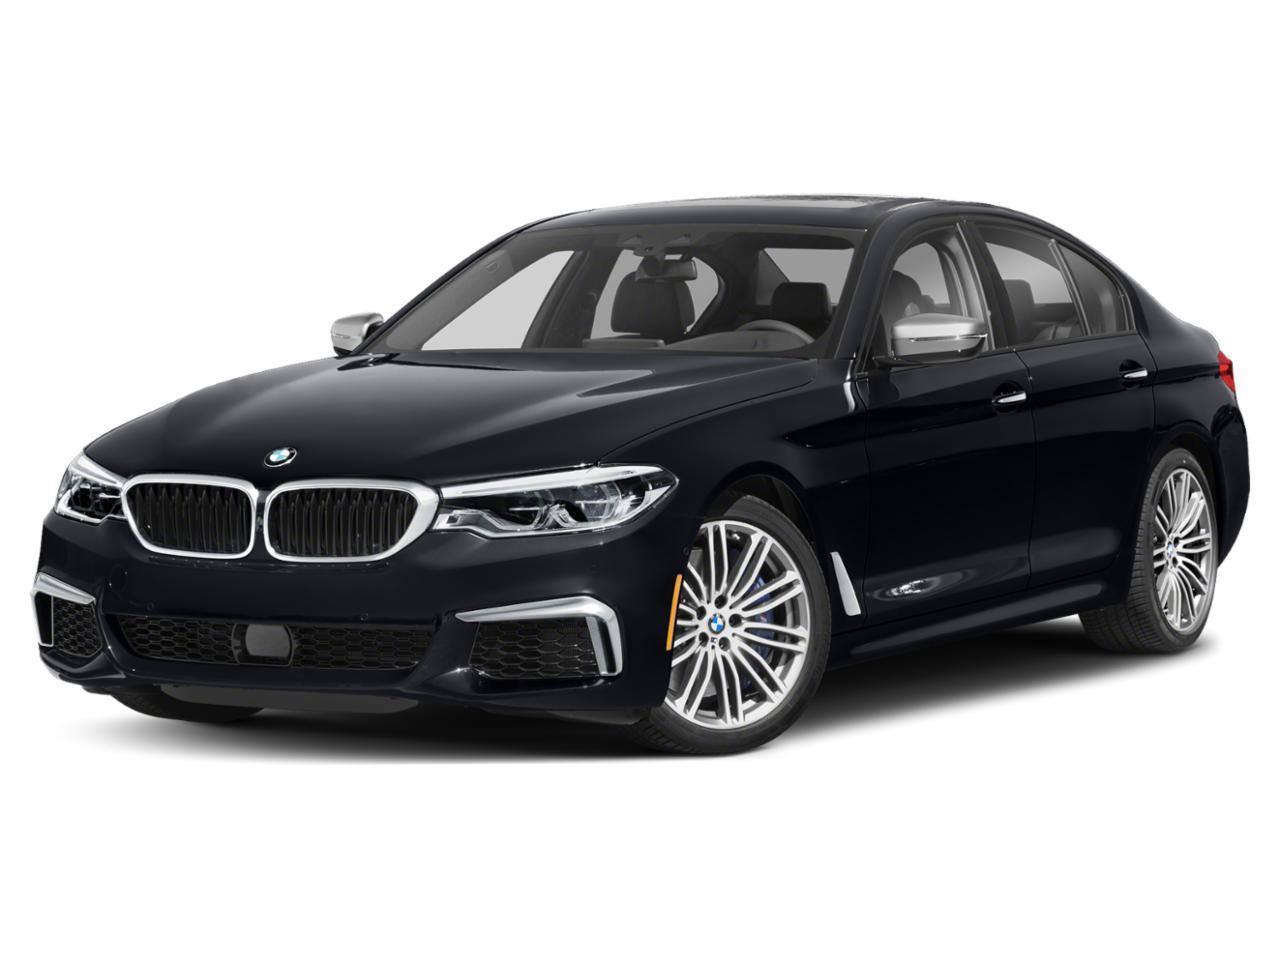 2020 BMW M550i xDrive Vehicle Photo in Grapevine, TX 76051